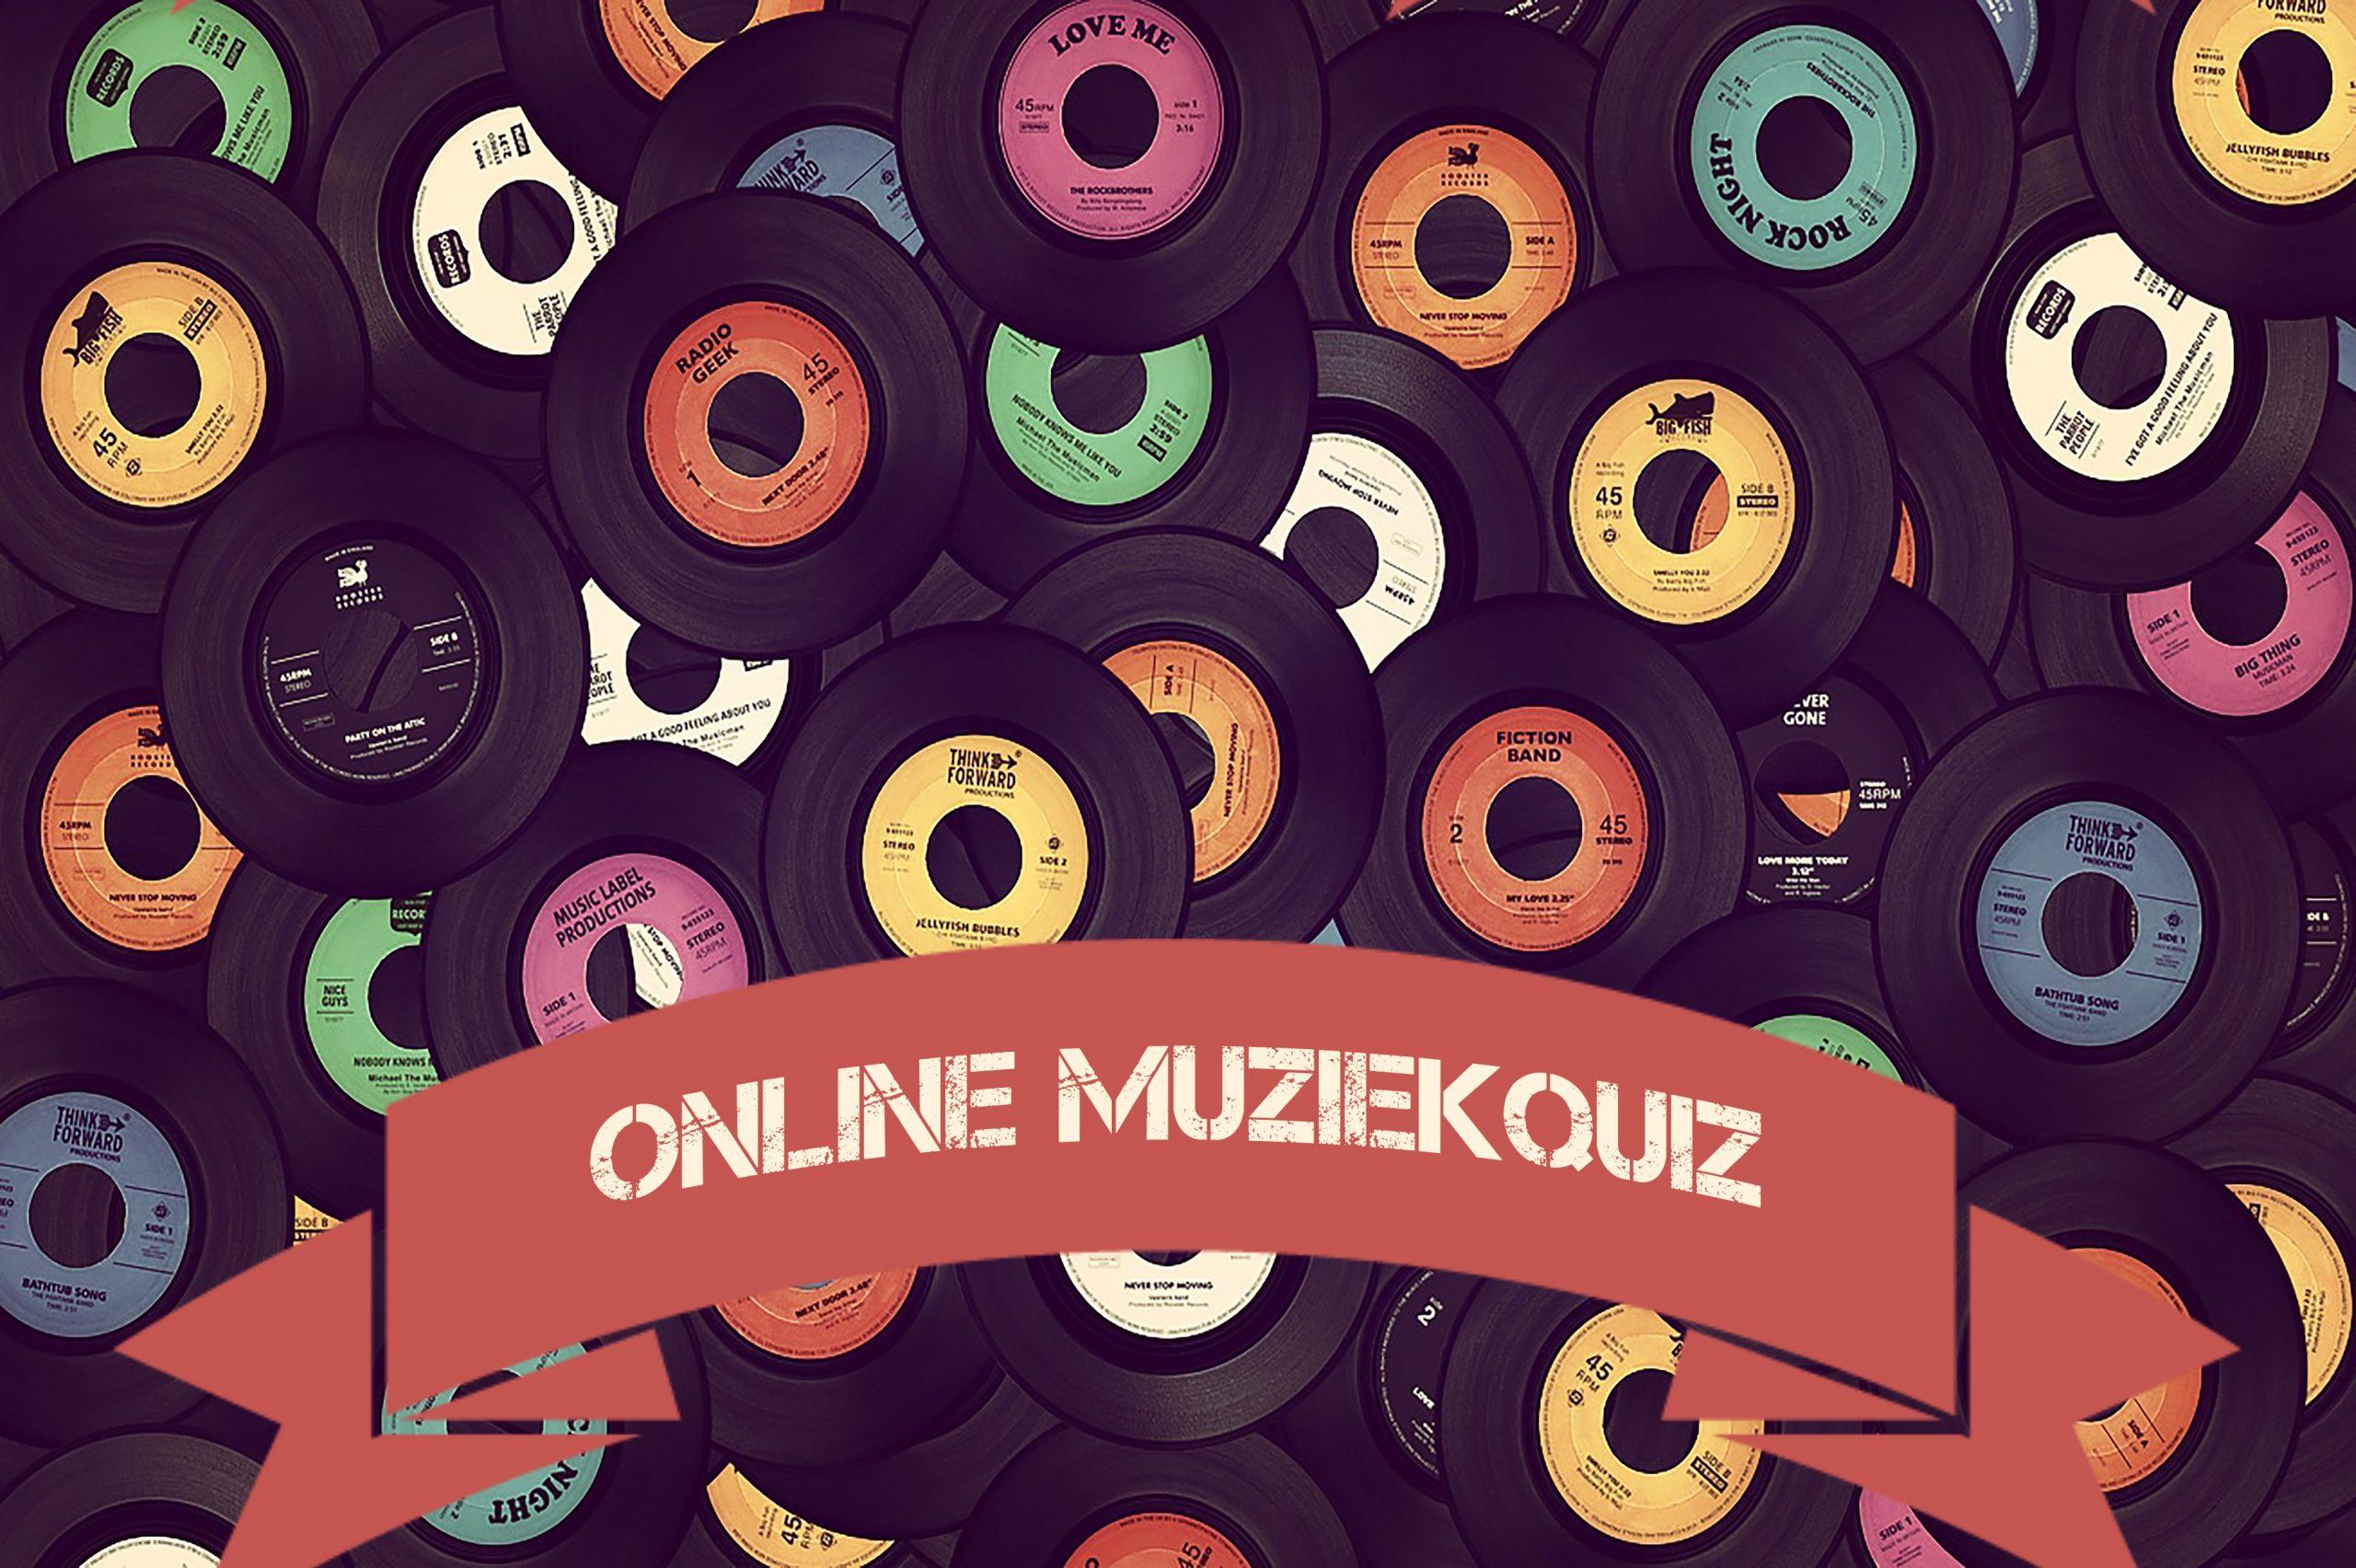 Online muziekquiz